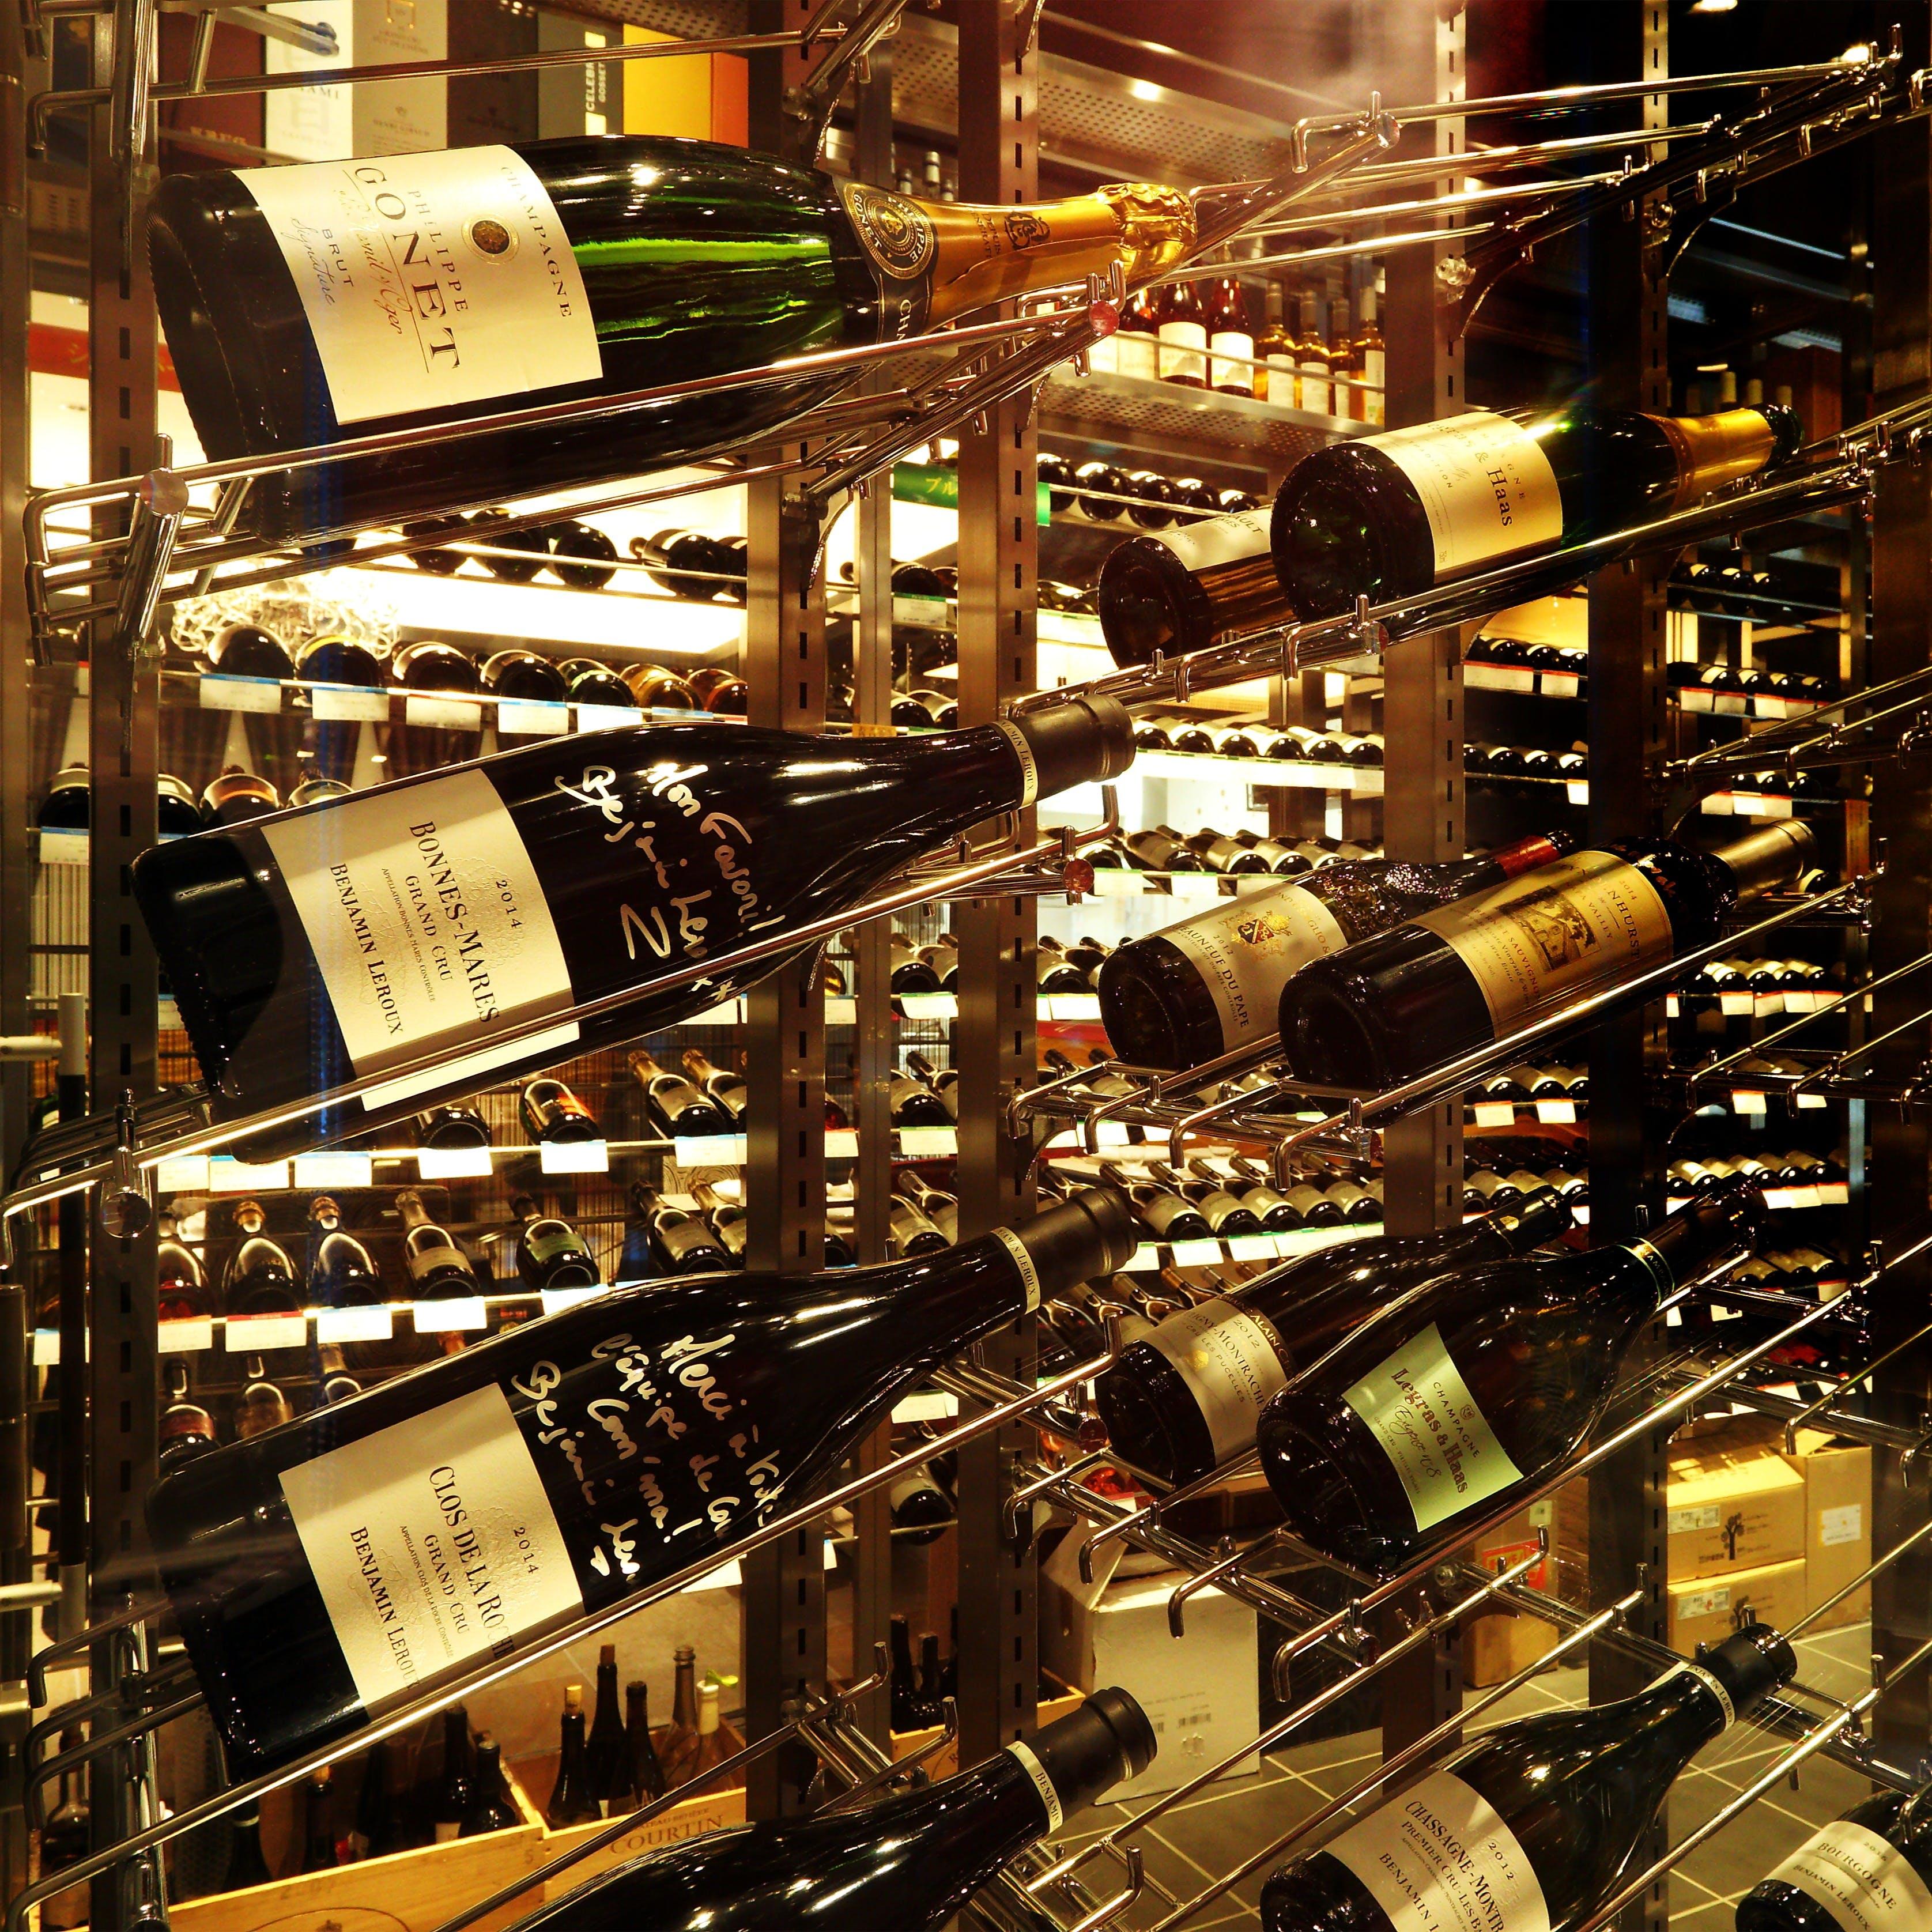 徹底管理された高品質の価値あるワインを約400種類ご用意